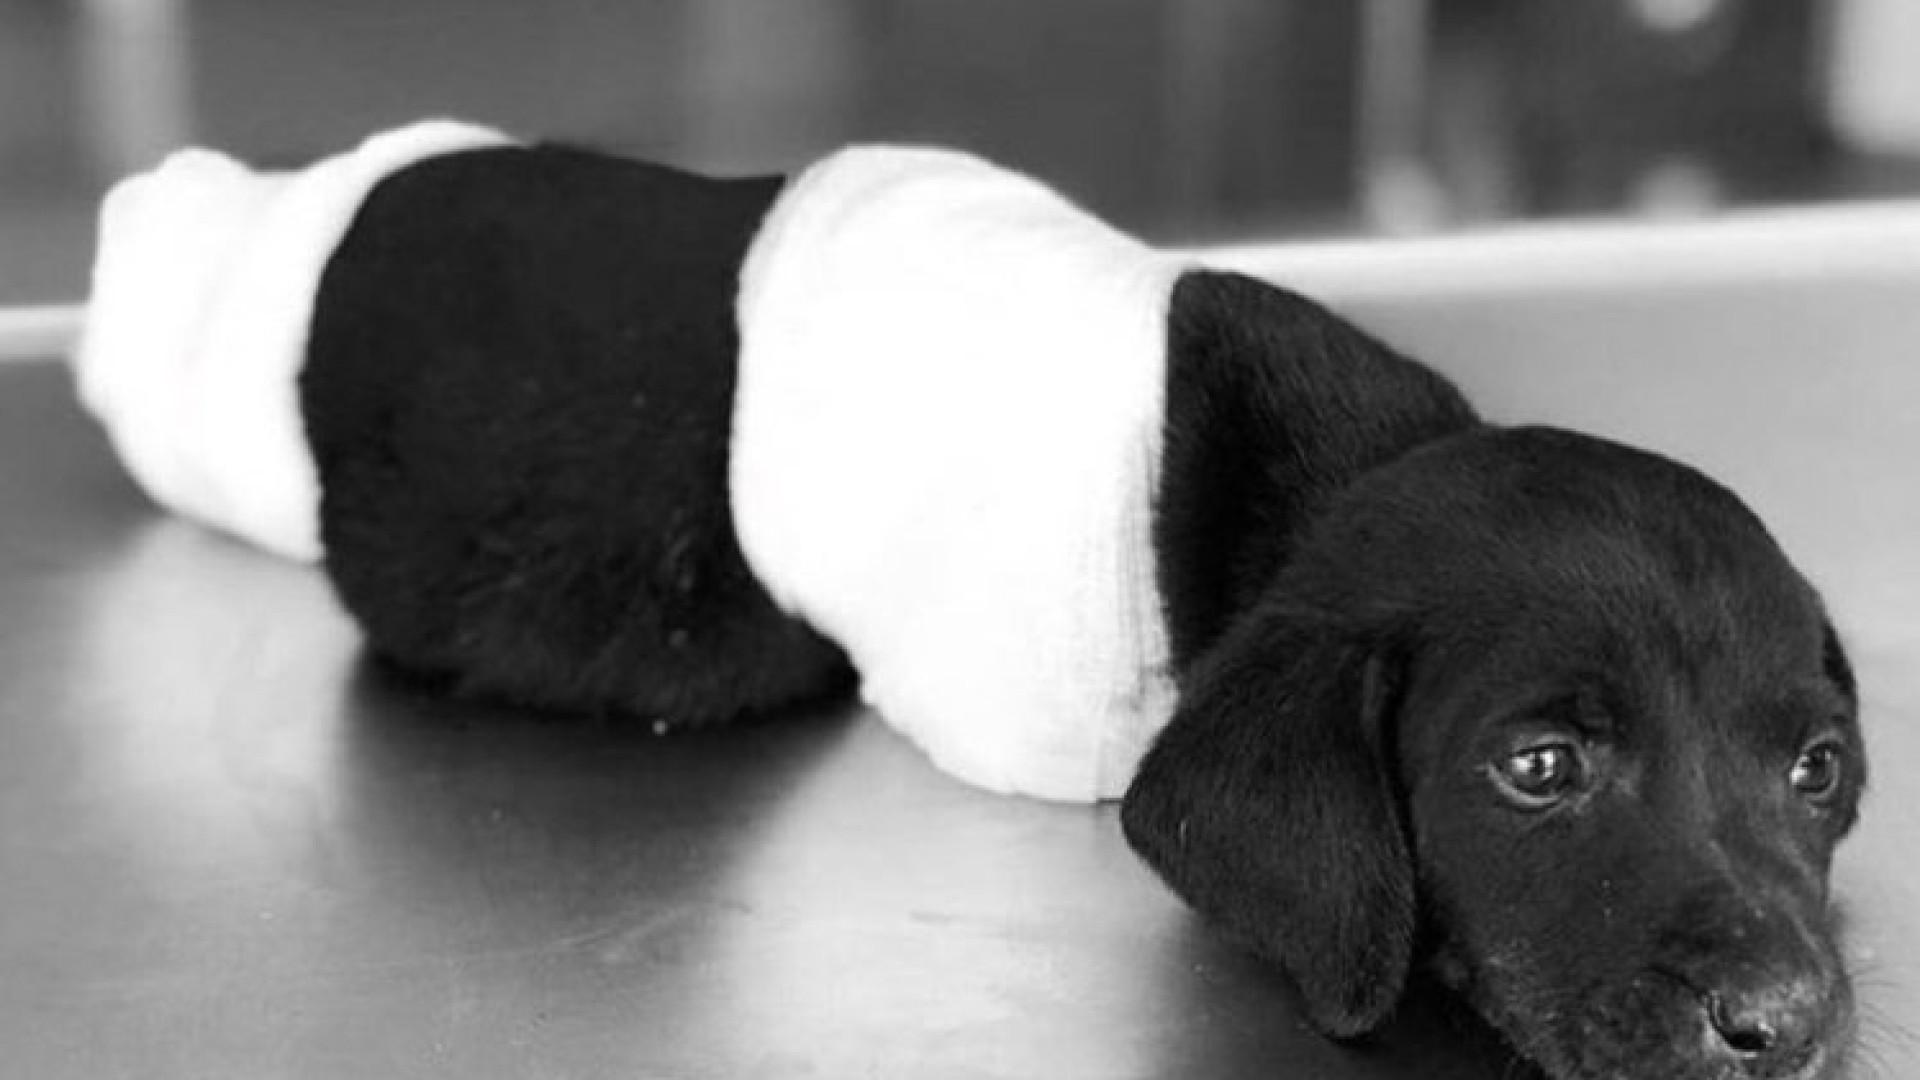 Cão abandonado com pernas e rabo cortados 'aquece' debate político